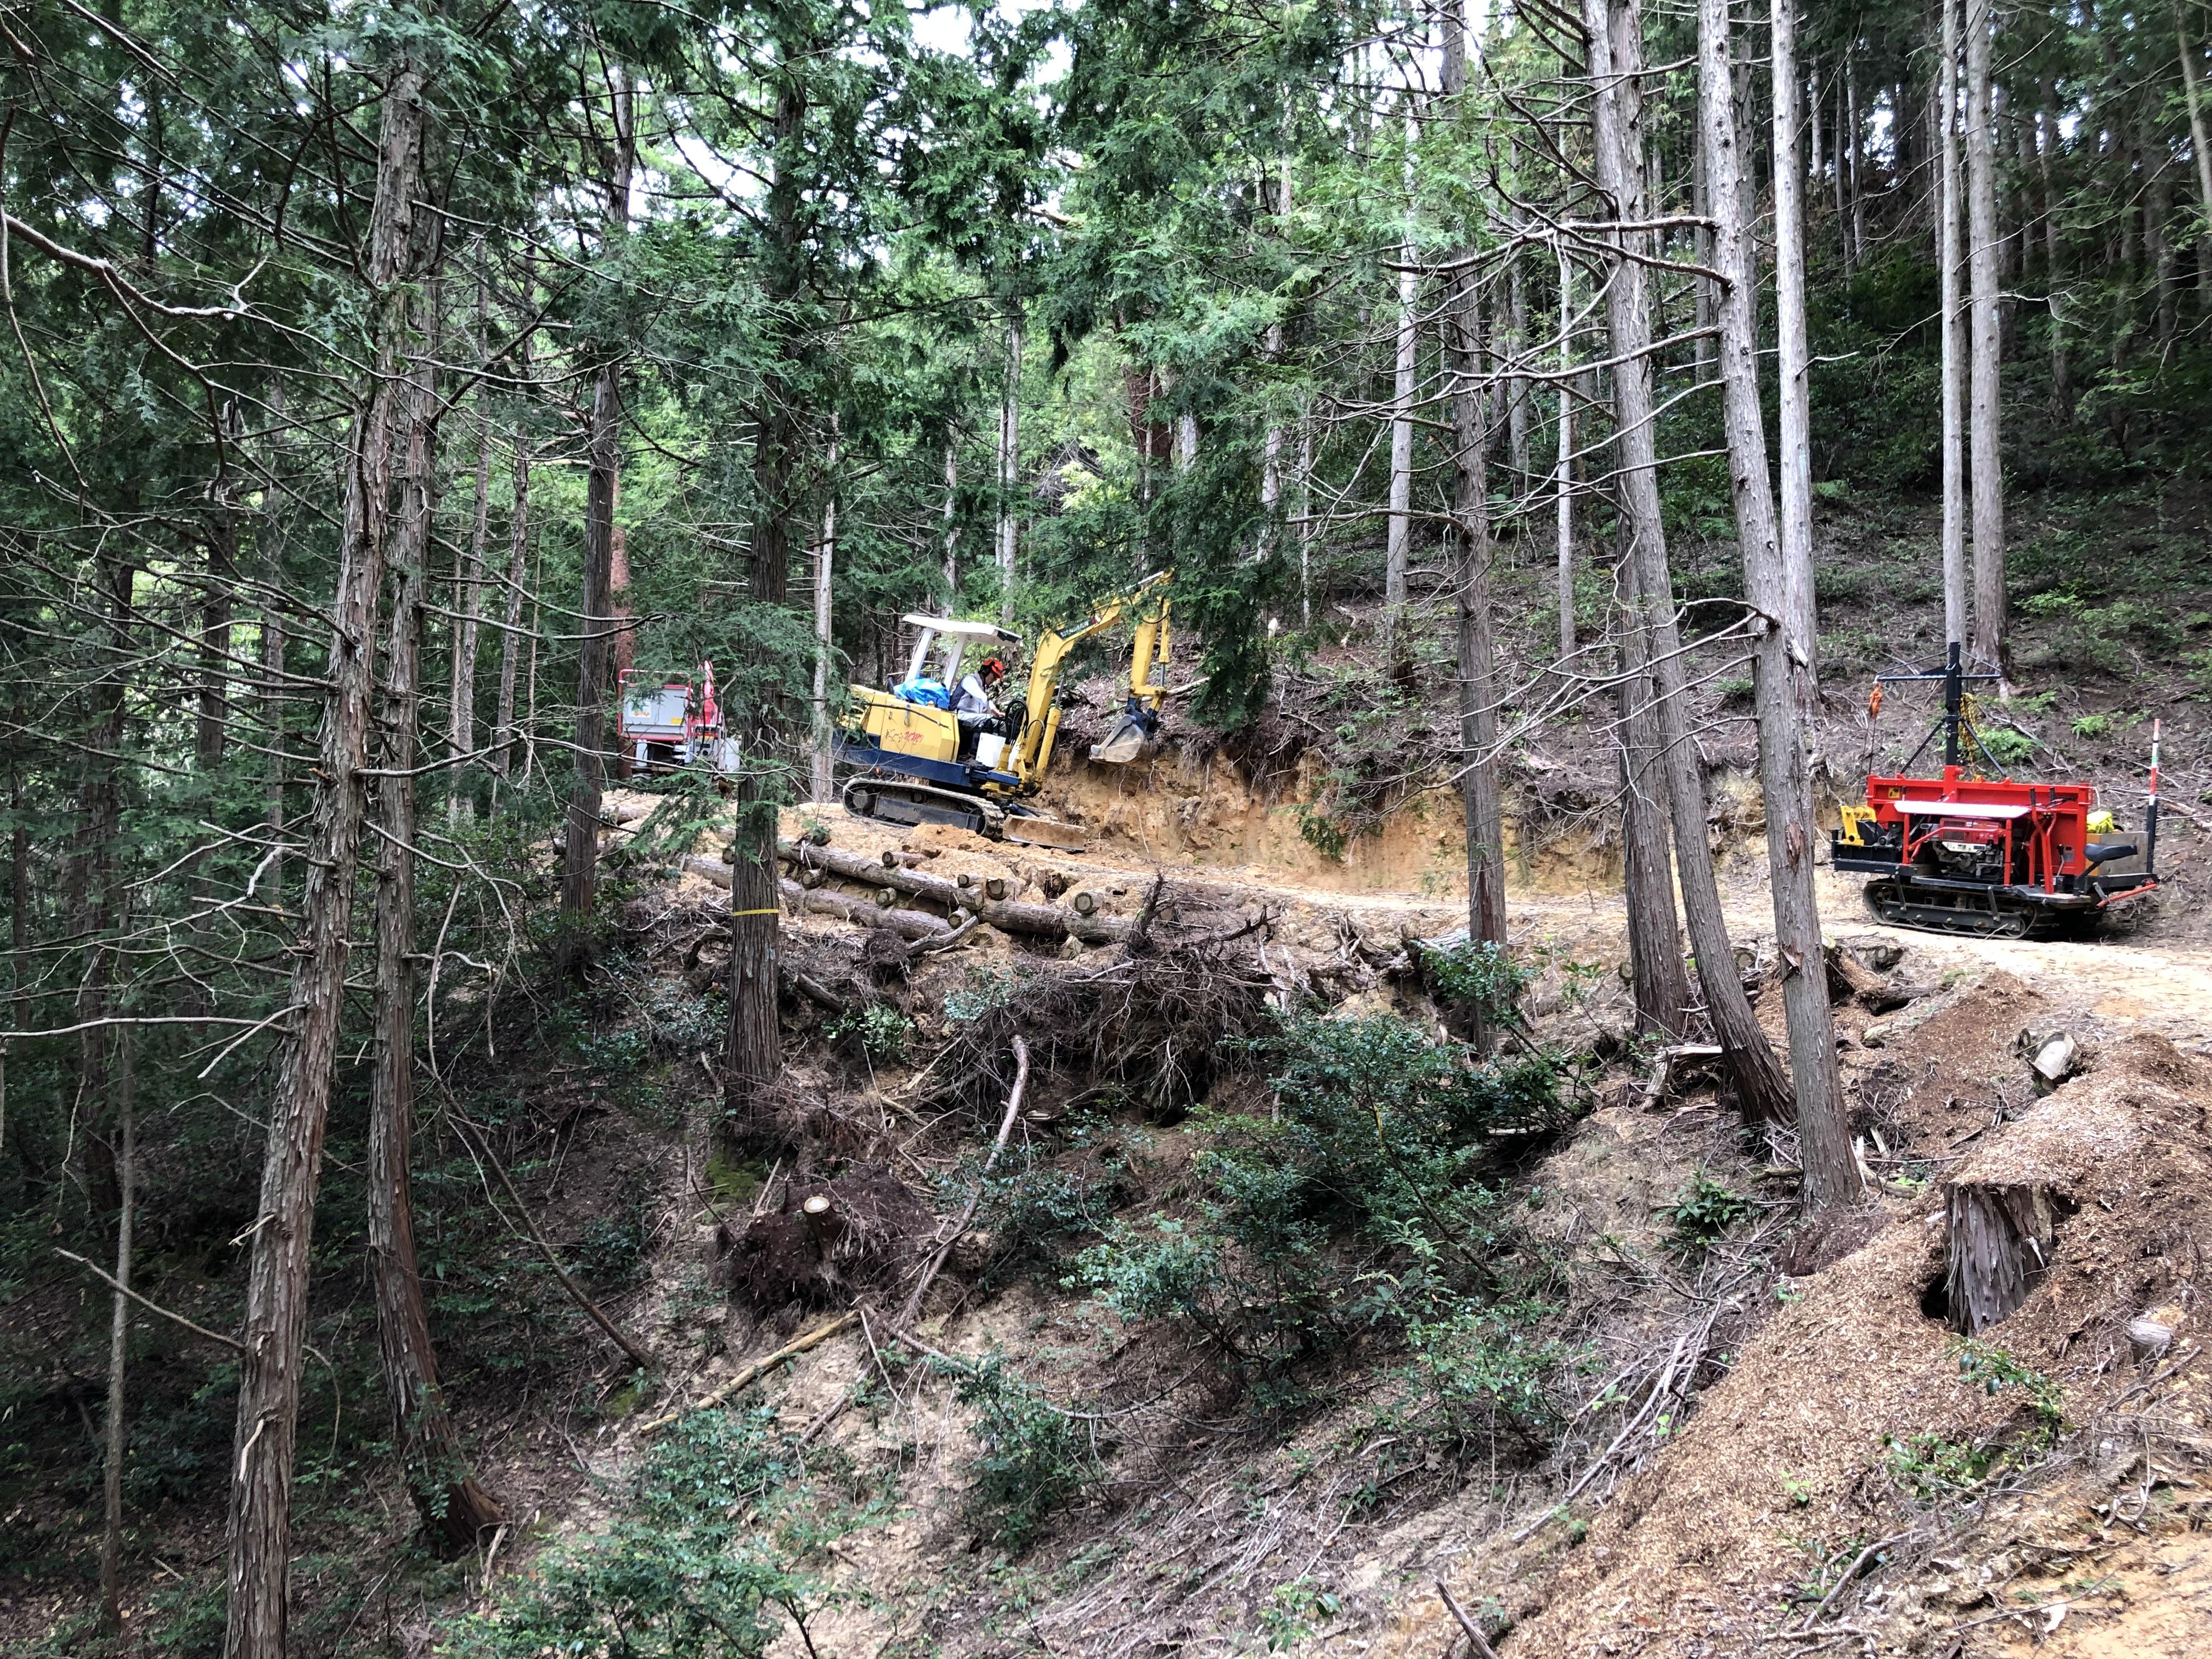 山門水源の森 保全活動 環境改善 事業の活動報告写真